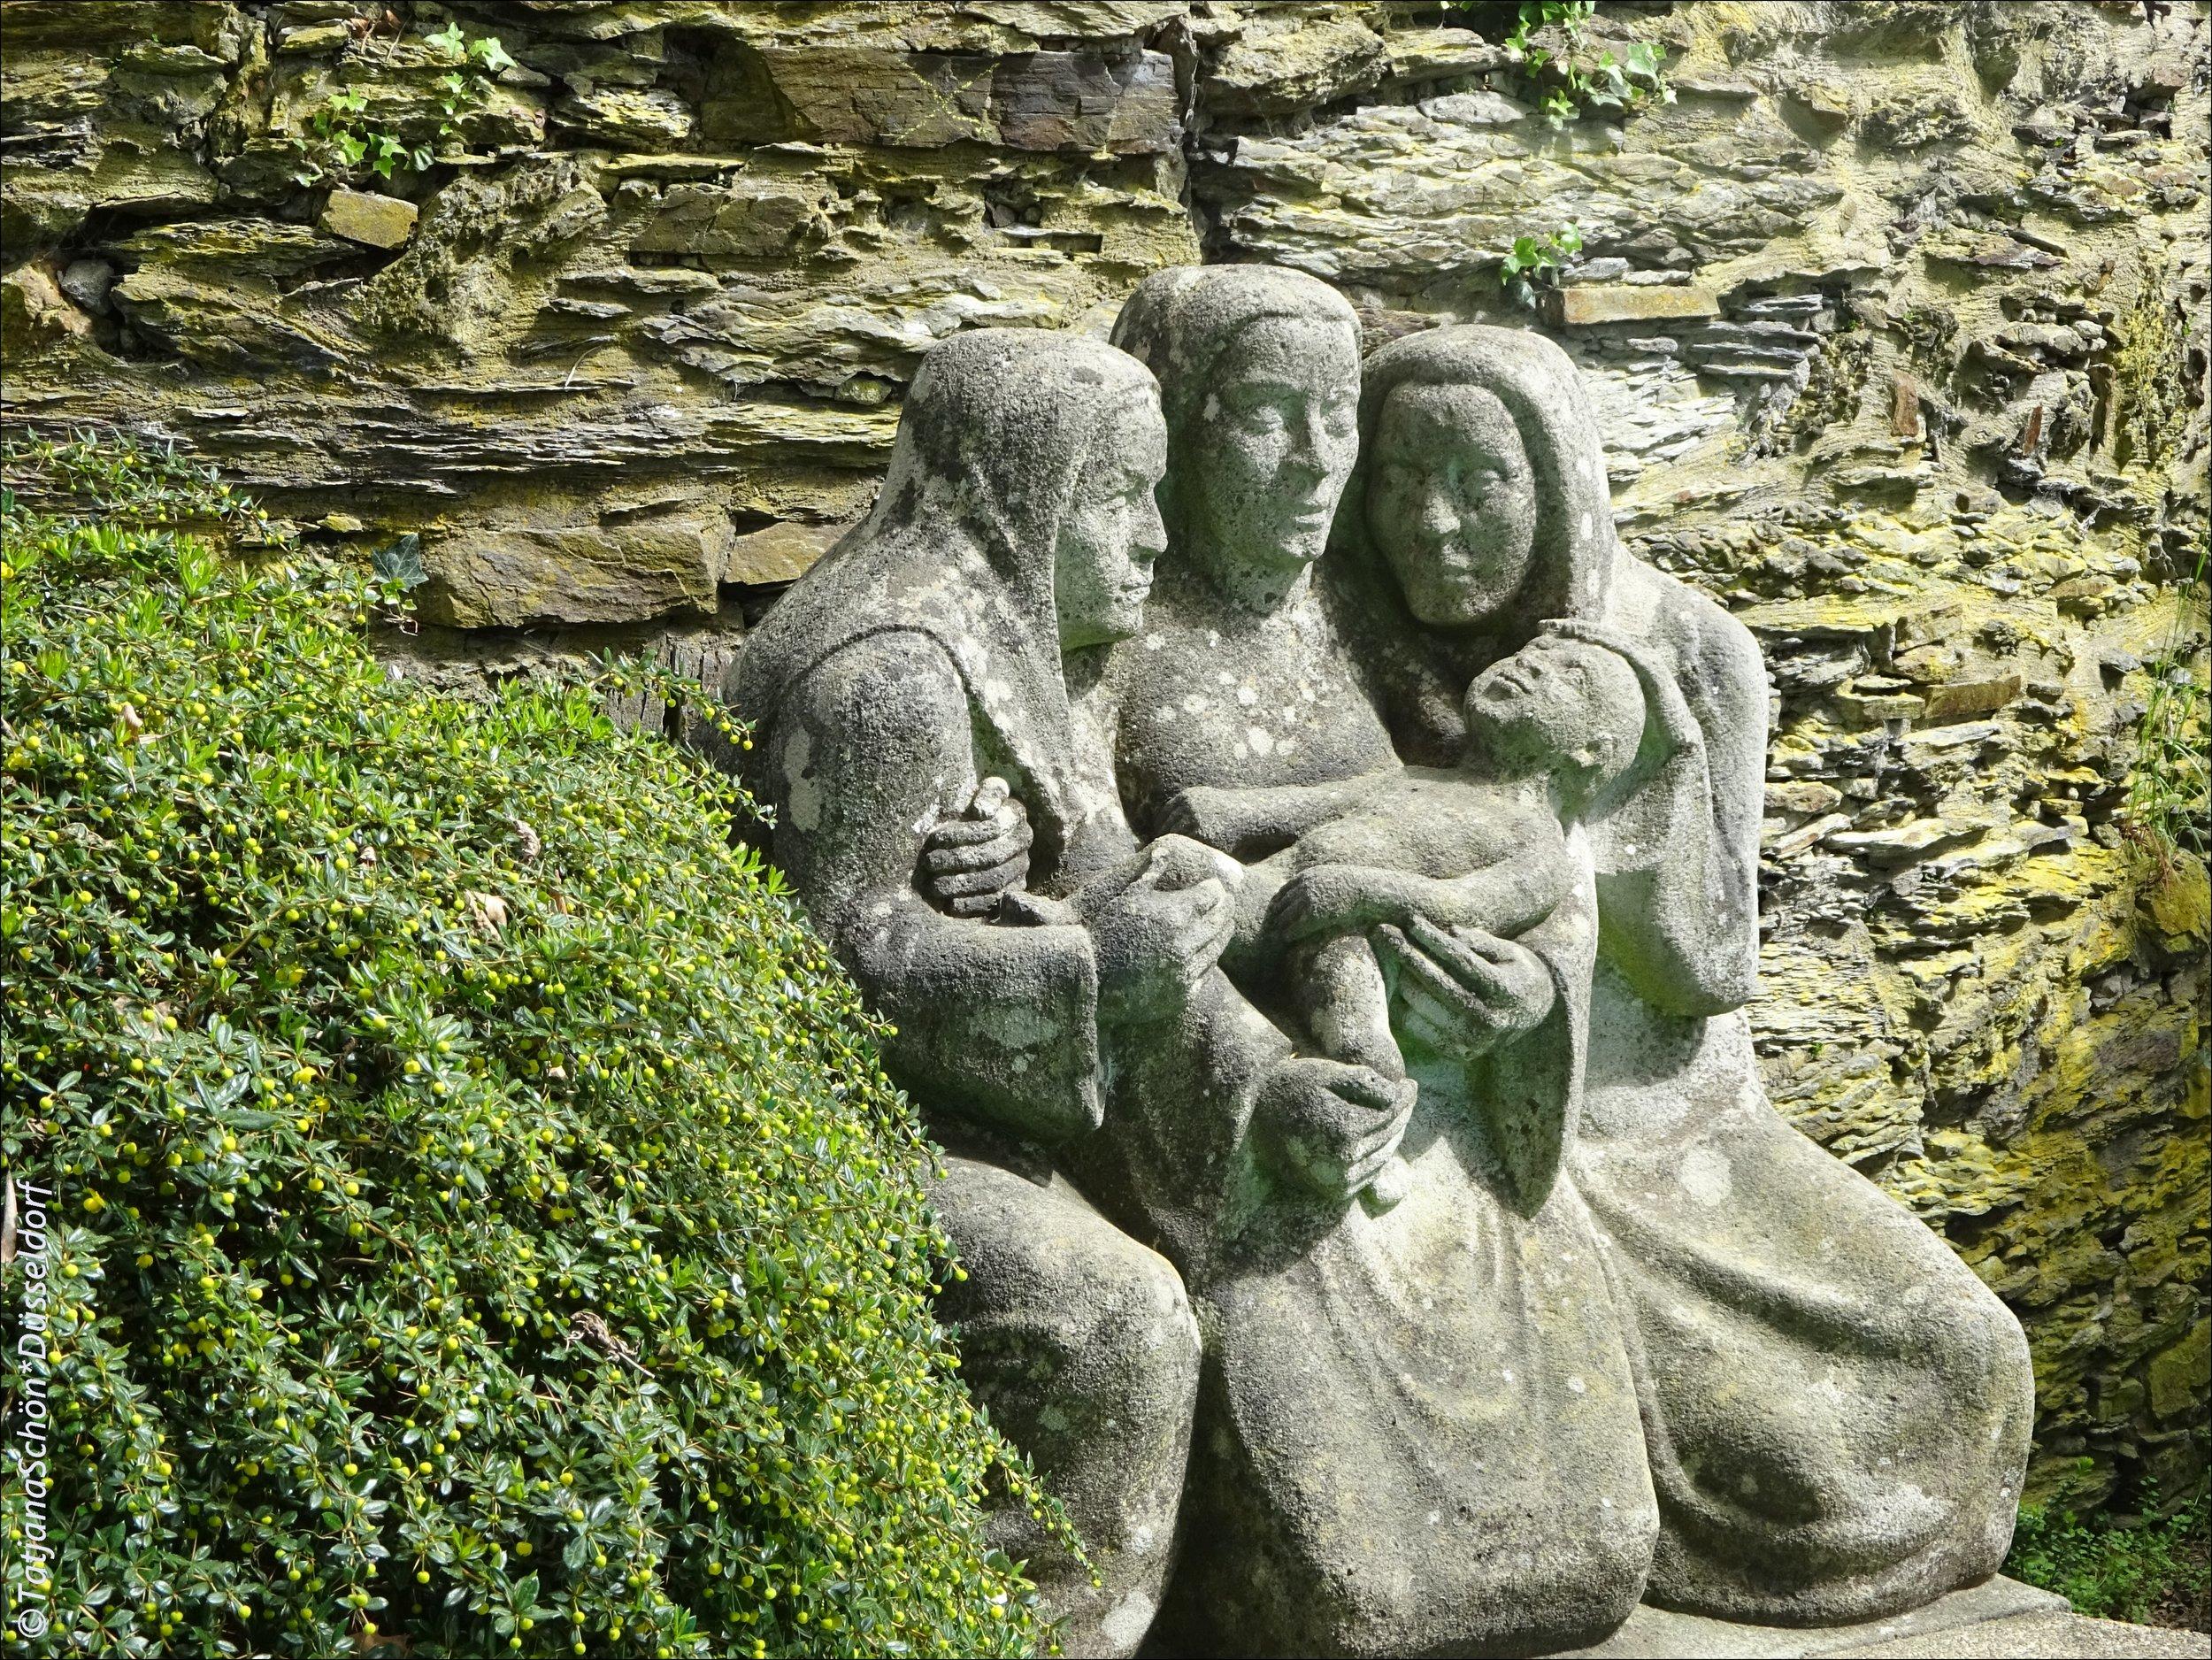 """В немецком """"город"""" (""""ди штадт"""") женского рода.Автор этой каменной группы """"матерей"""" Рубенса - местный (из Зигена) скульптор Германн Кумихель (Hermann Kuhmichel), создал их в 1935 году."""